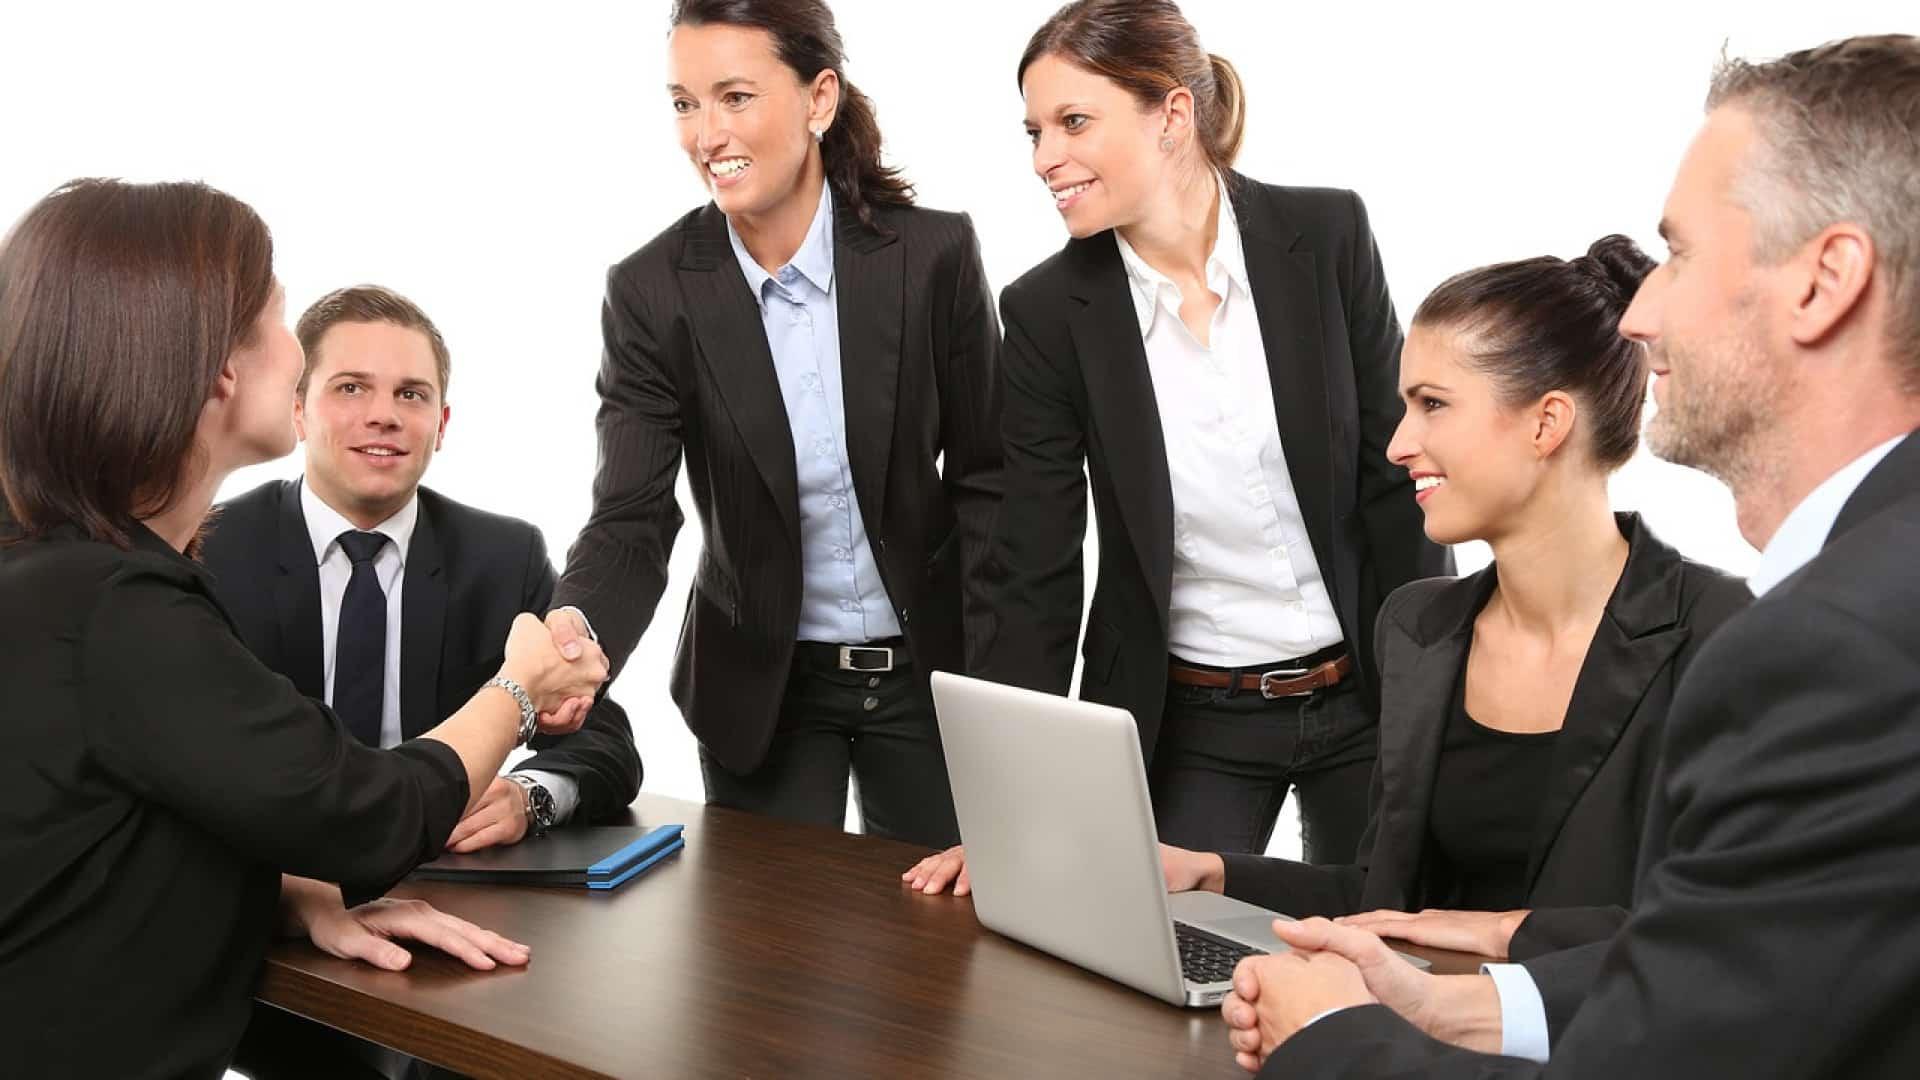 Des collaborateurs dans le secteur de l'immobilier